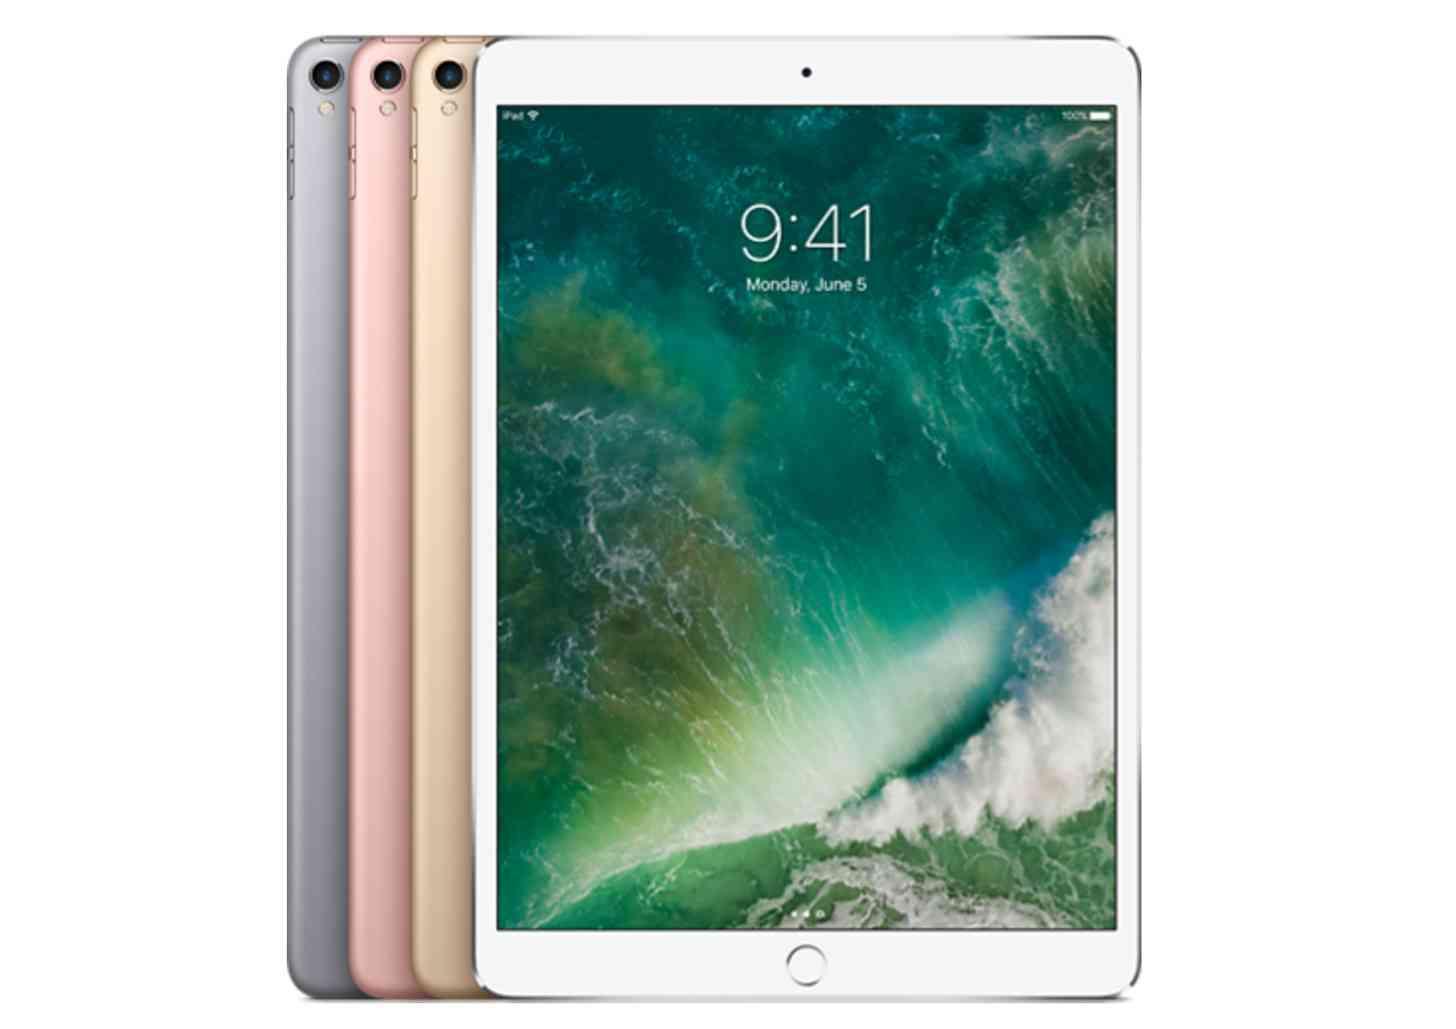 Apple iPad Pro 10,5 Wi-Fi + Cellular (64GB) Vodafone Red Business Data mit 20GB (nur SIM-Karte für rechnerisch 14,59 € brutto/Monat möglich)